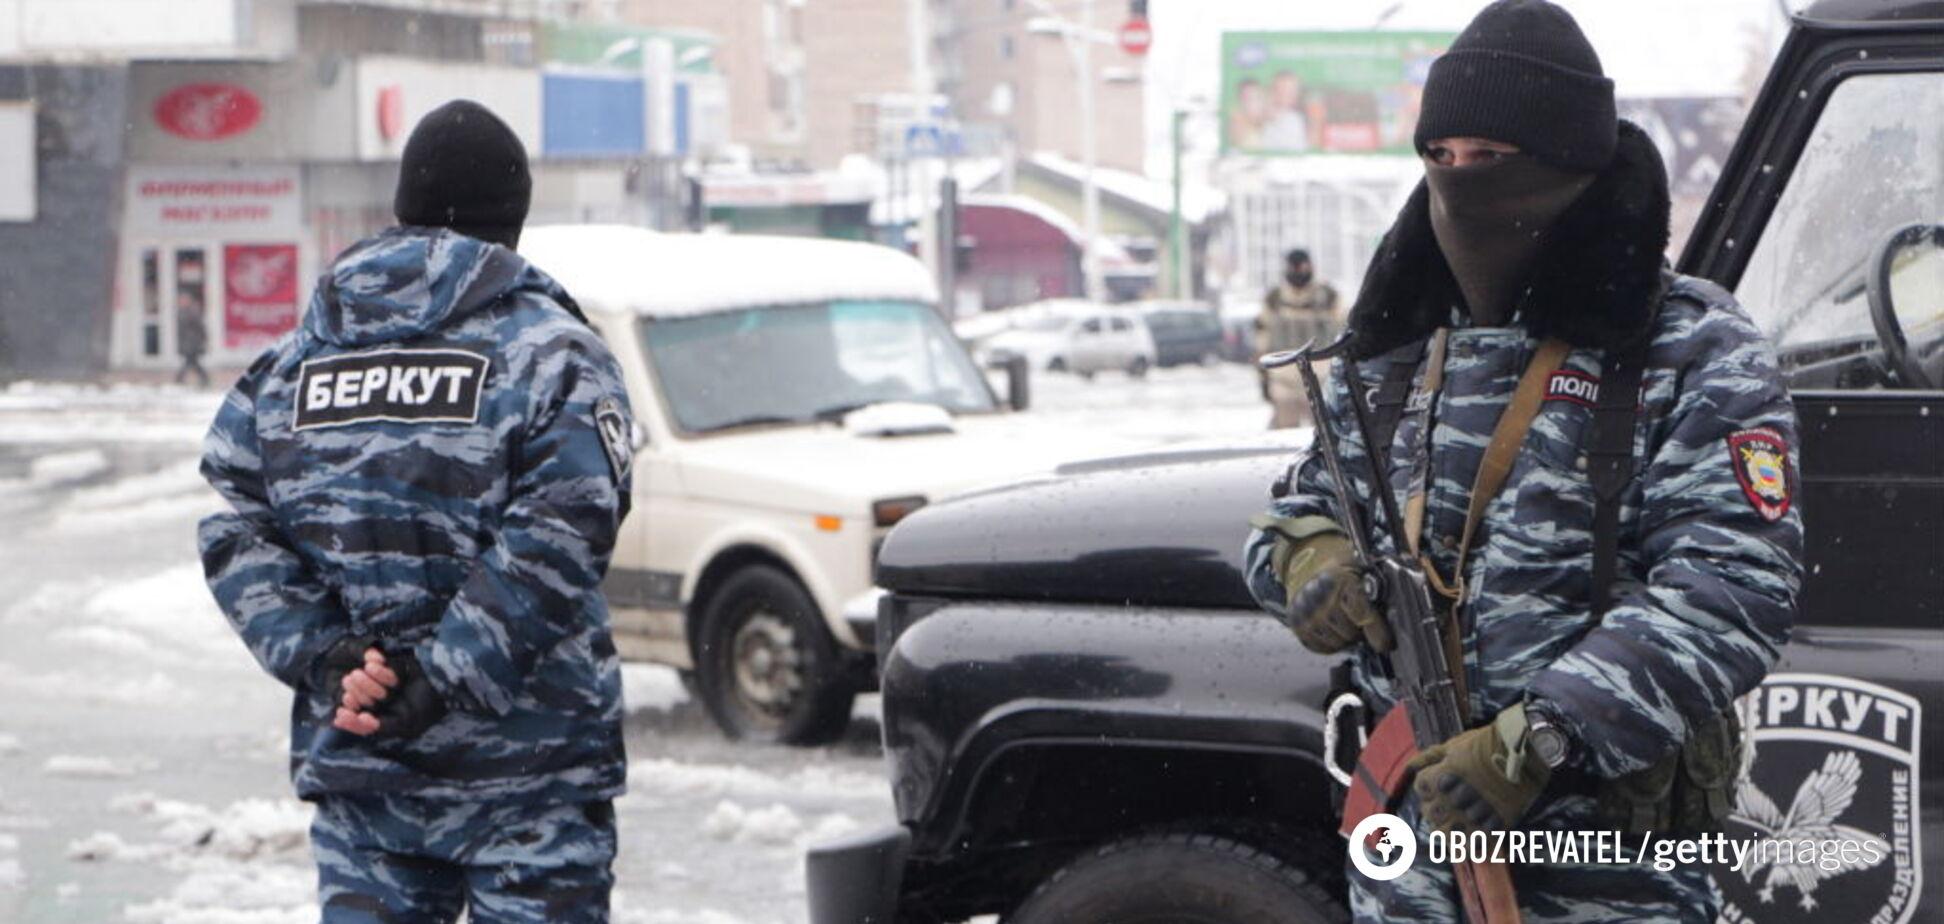 Служили в 'Беркуті': спливли скандальні деталі призначення топполіцейських